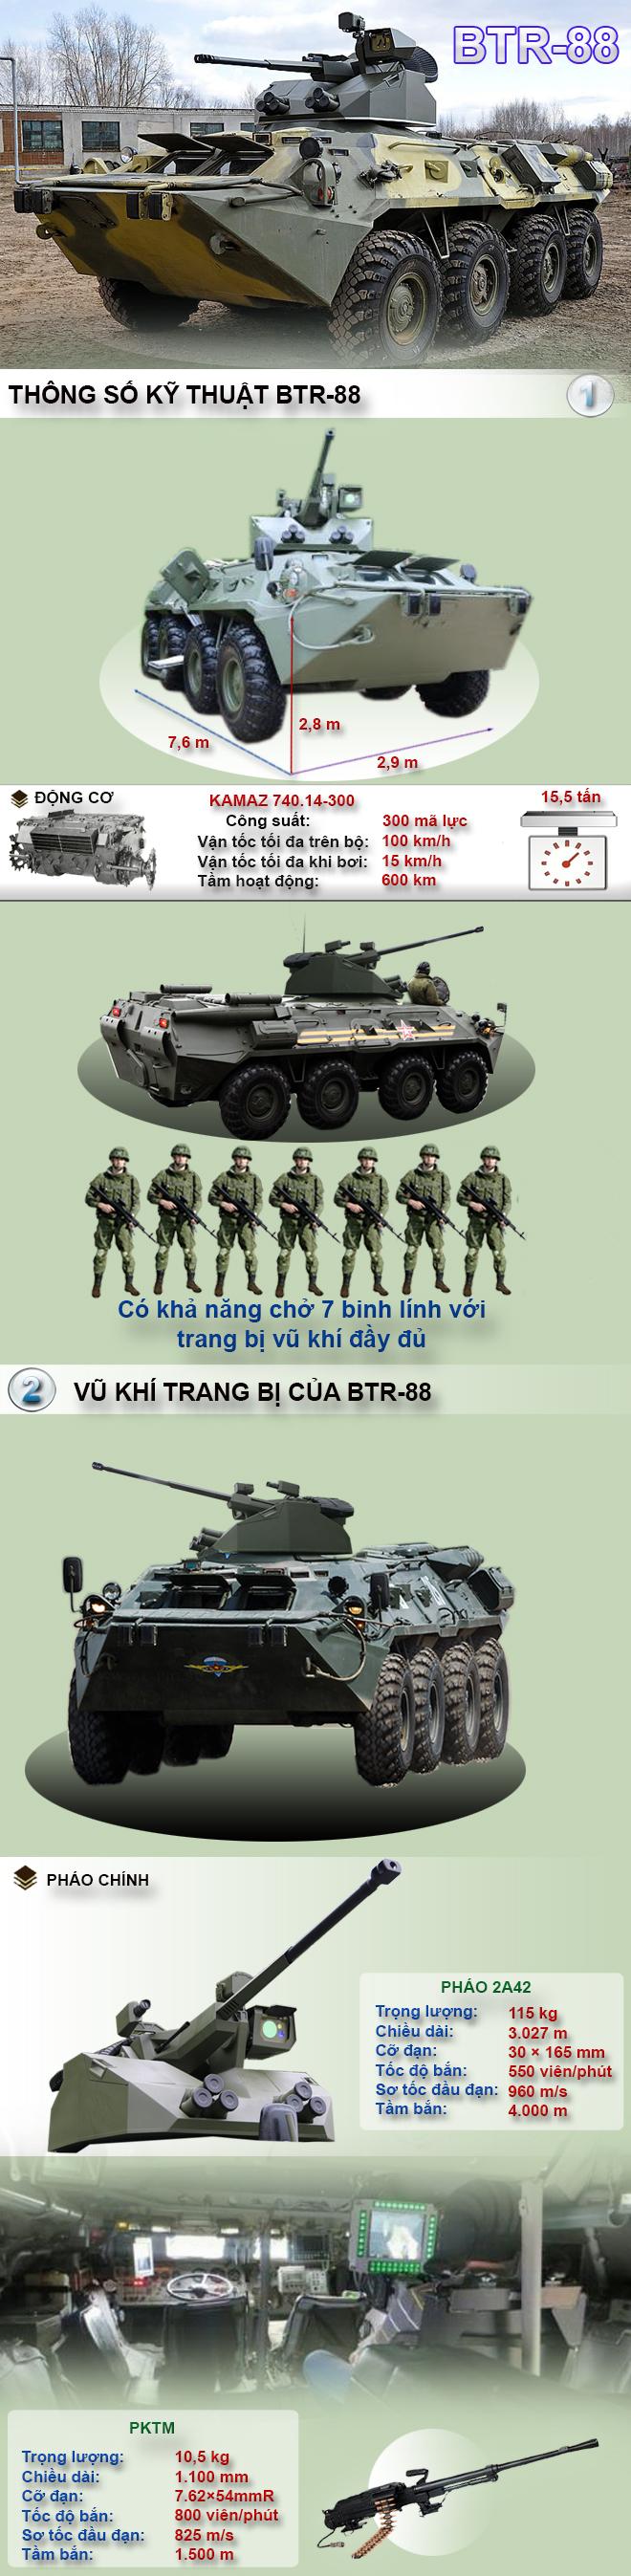 BTR-88 - Bản nâng cấp theo phong cách Armata của dòng xe thiết giáp chở quân huyền thoại - Ảnh 1.